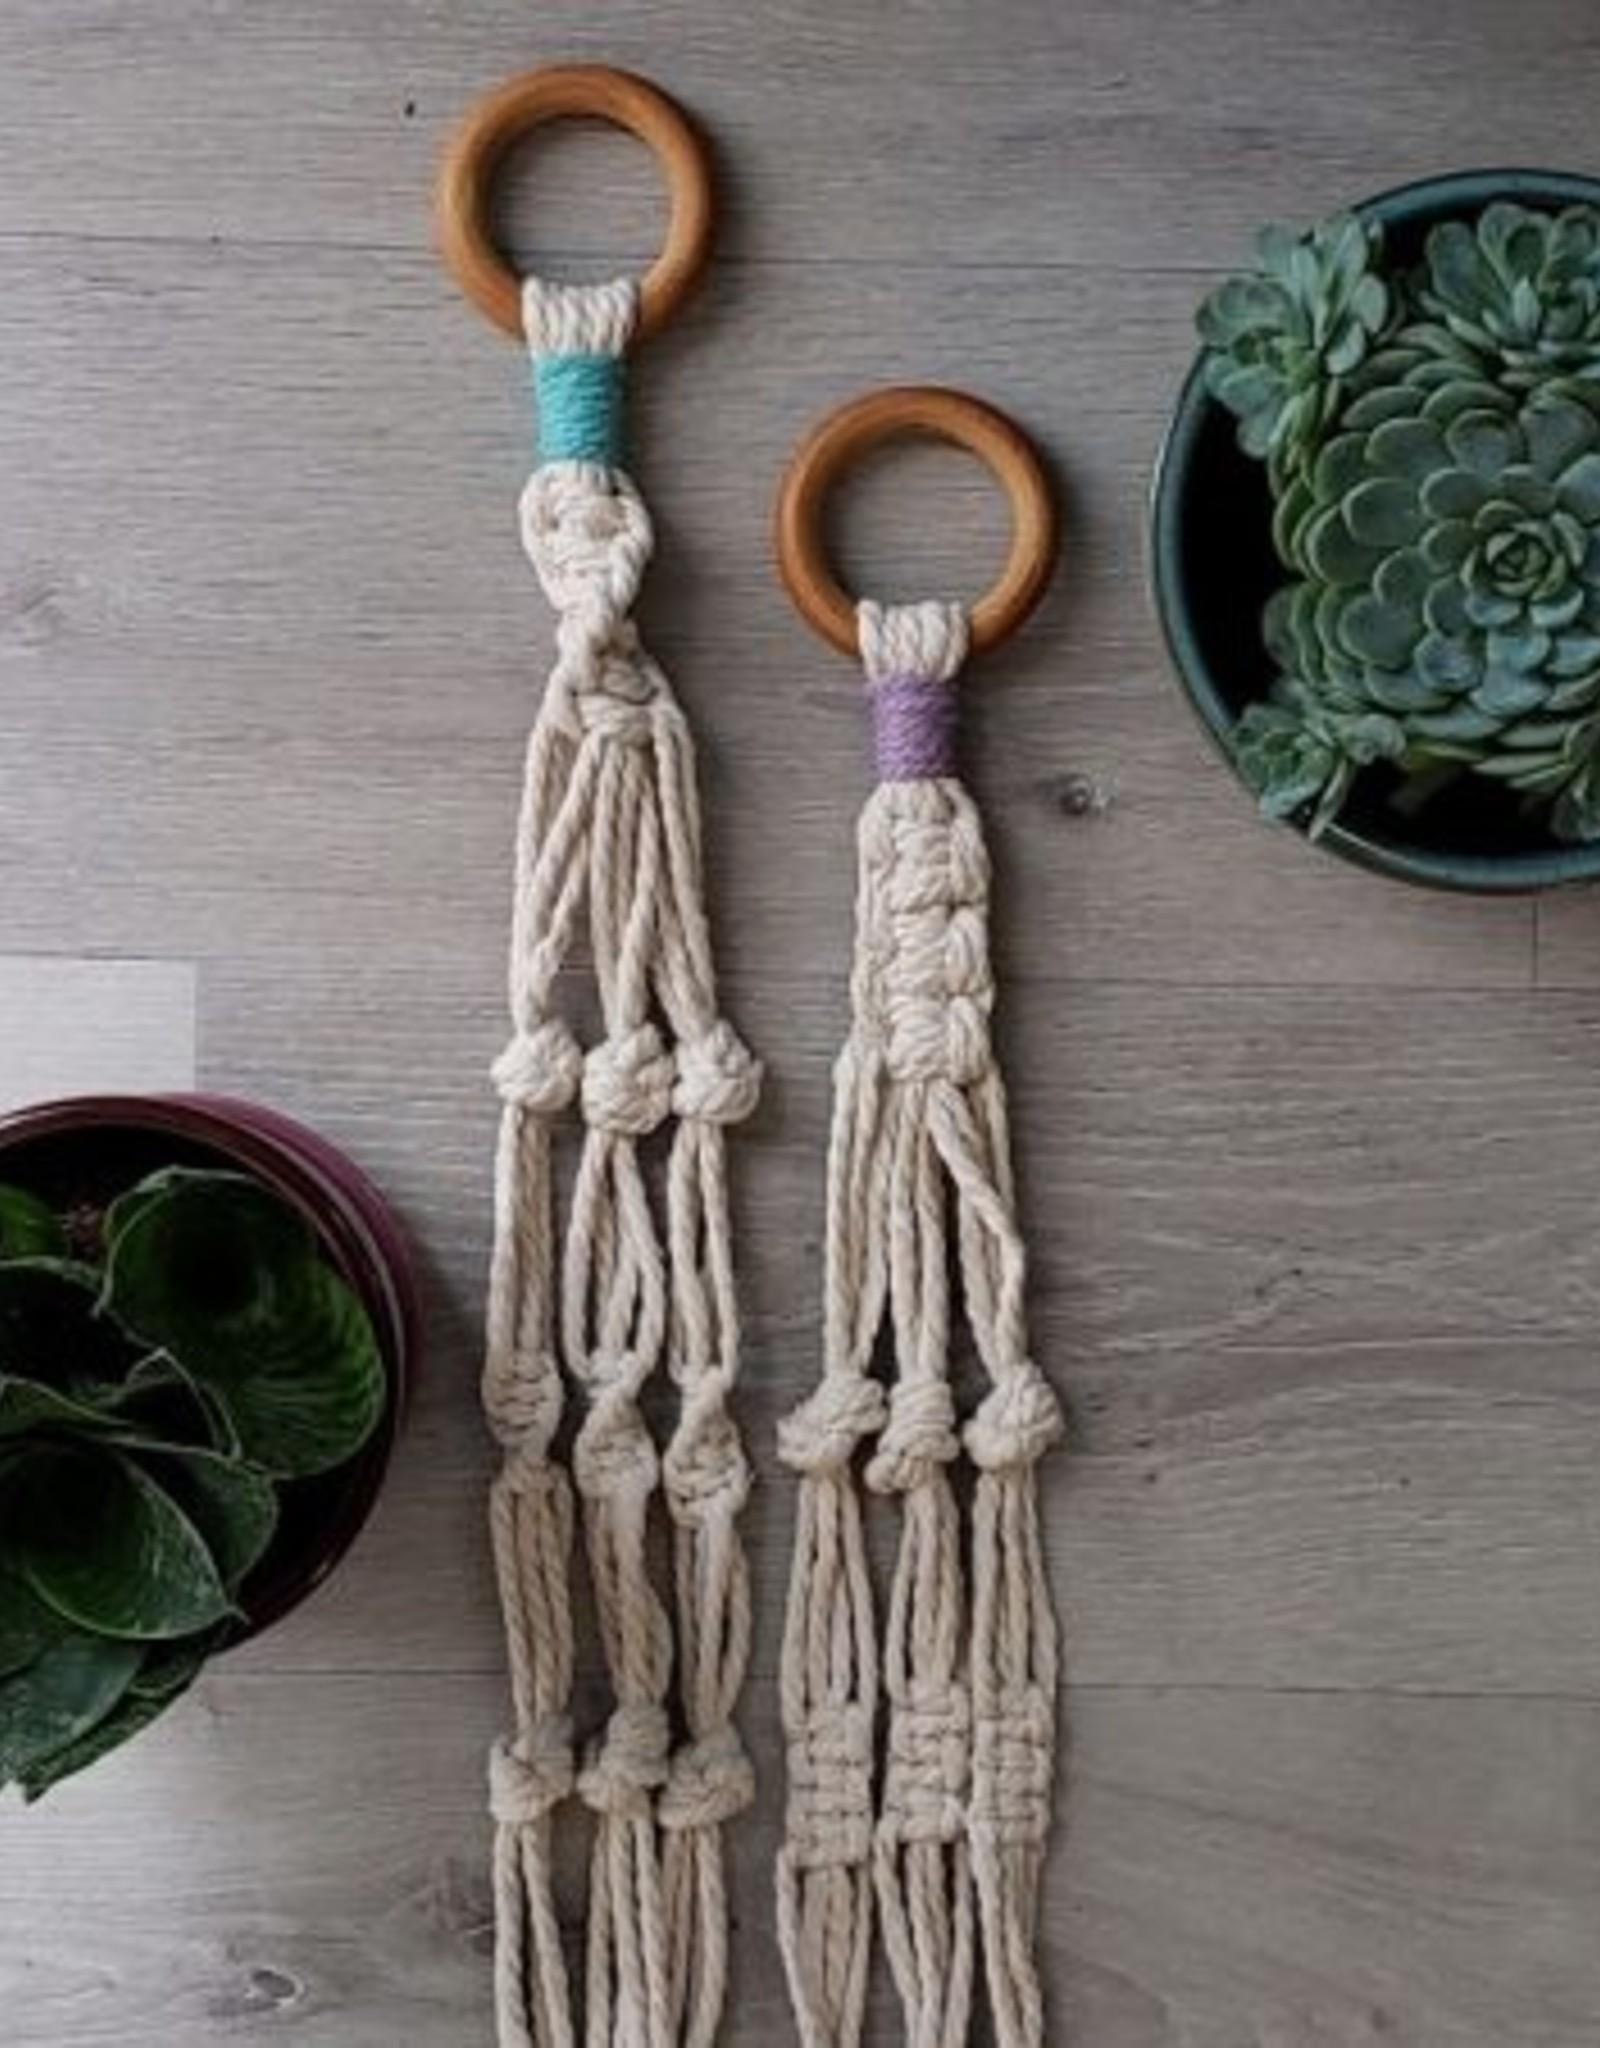 Aster & Vine Simple Plant Hanger Kit - Macrame